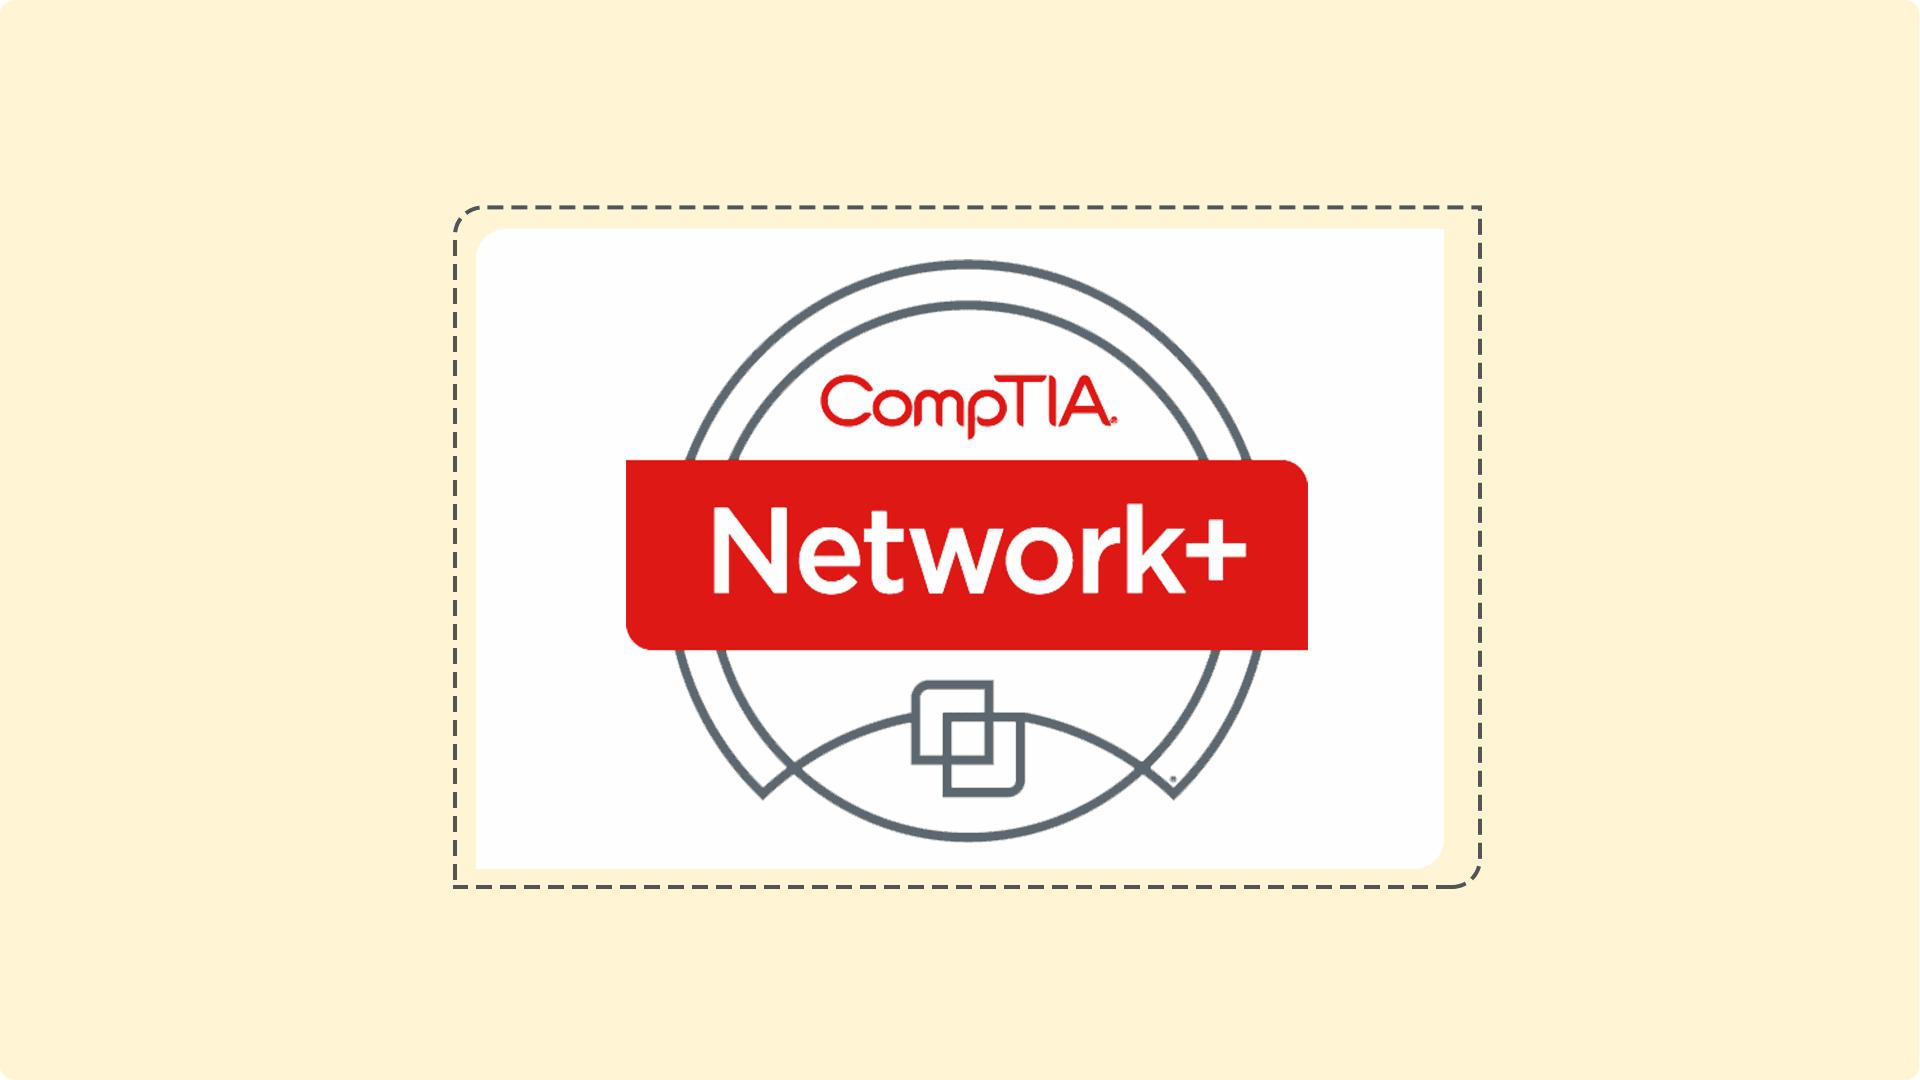 آموزش +Network نتورک پلاس – جامع و کاربردی